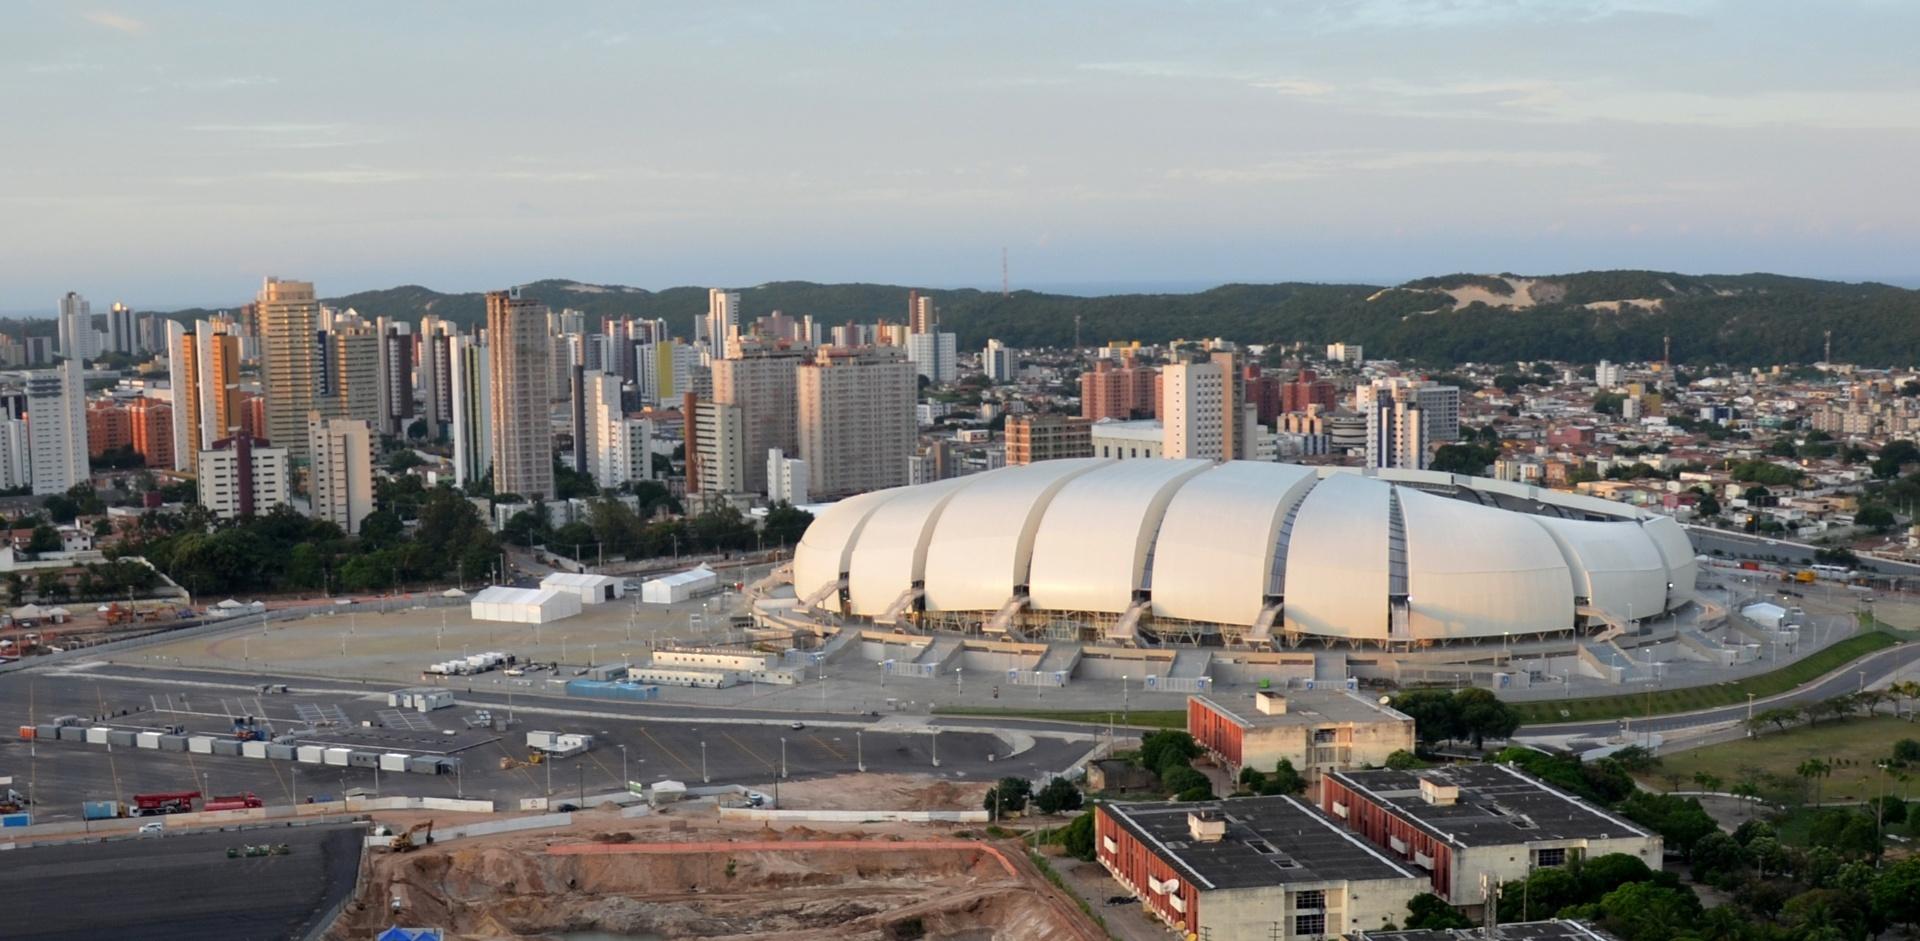 foto-aerea-da-arena-das-dunas-1401293162